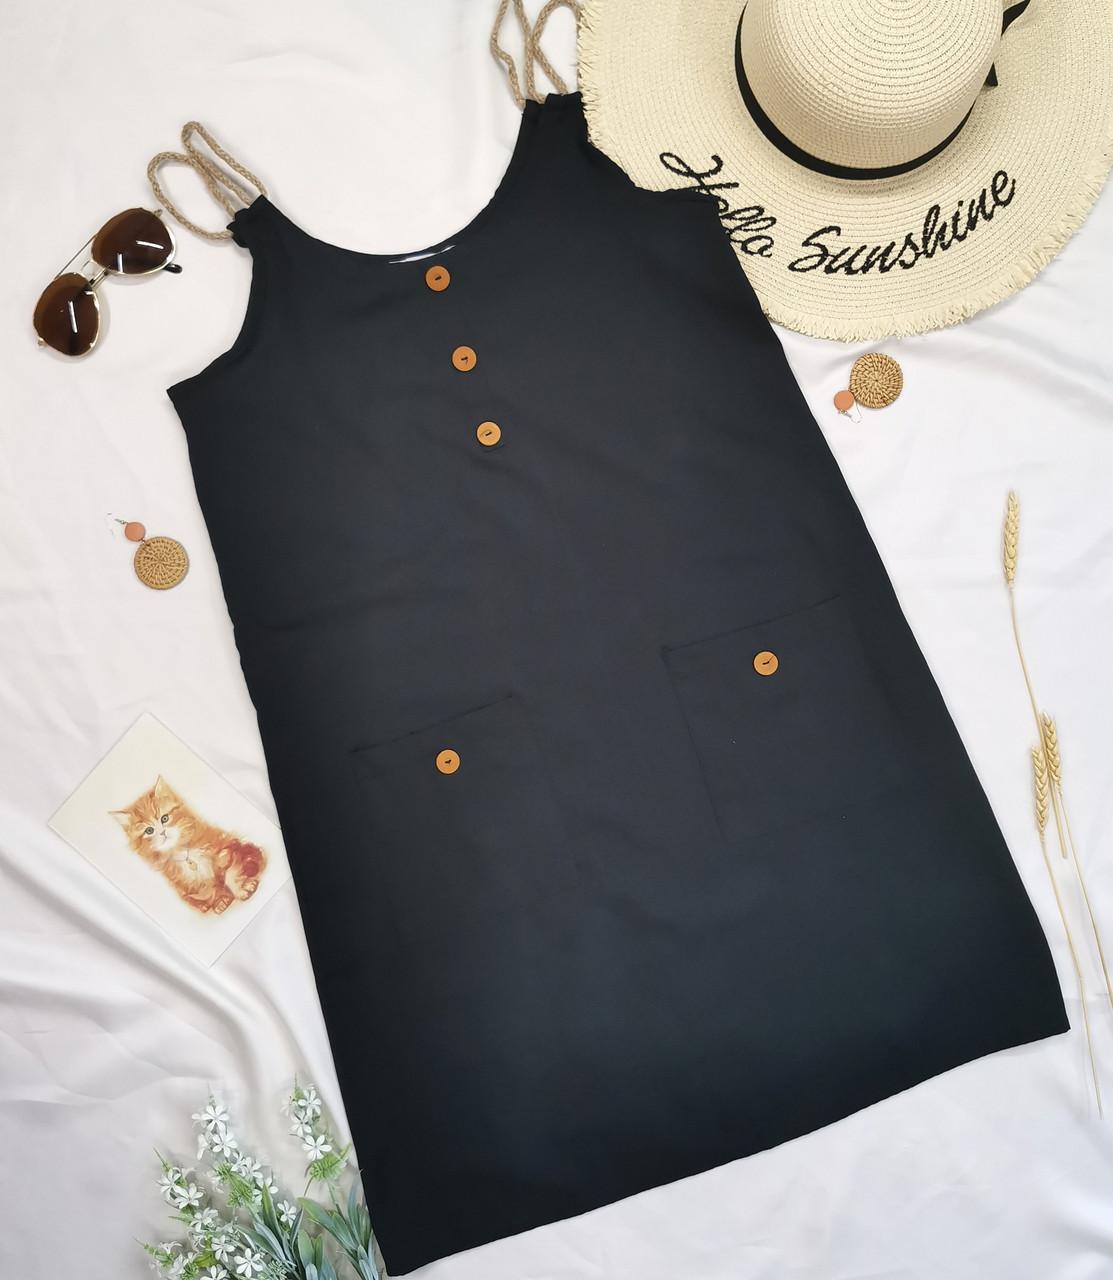 Чорний жіночий сарафан короткий з кишенями